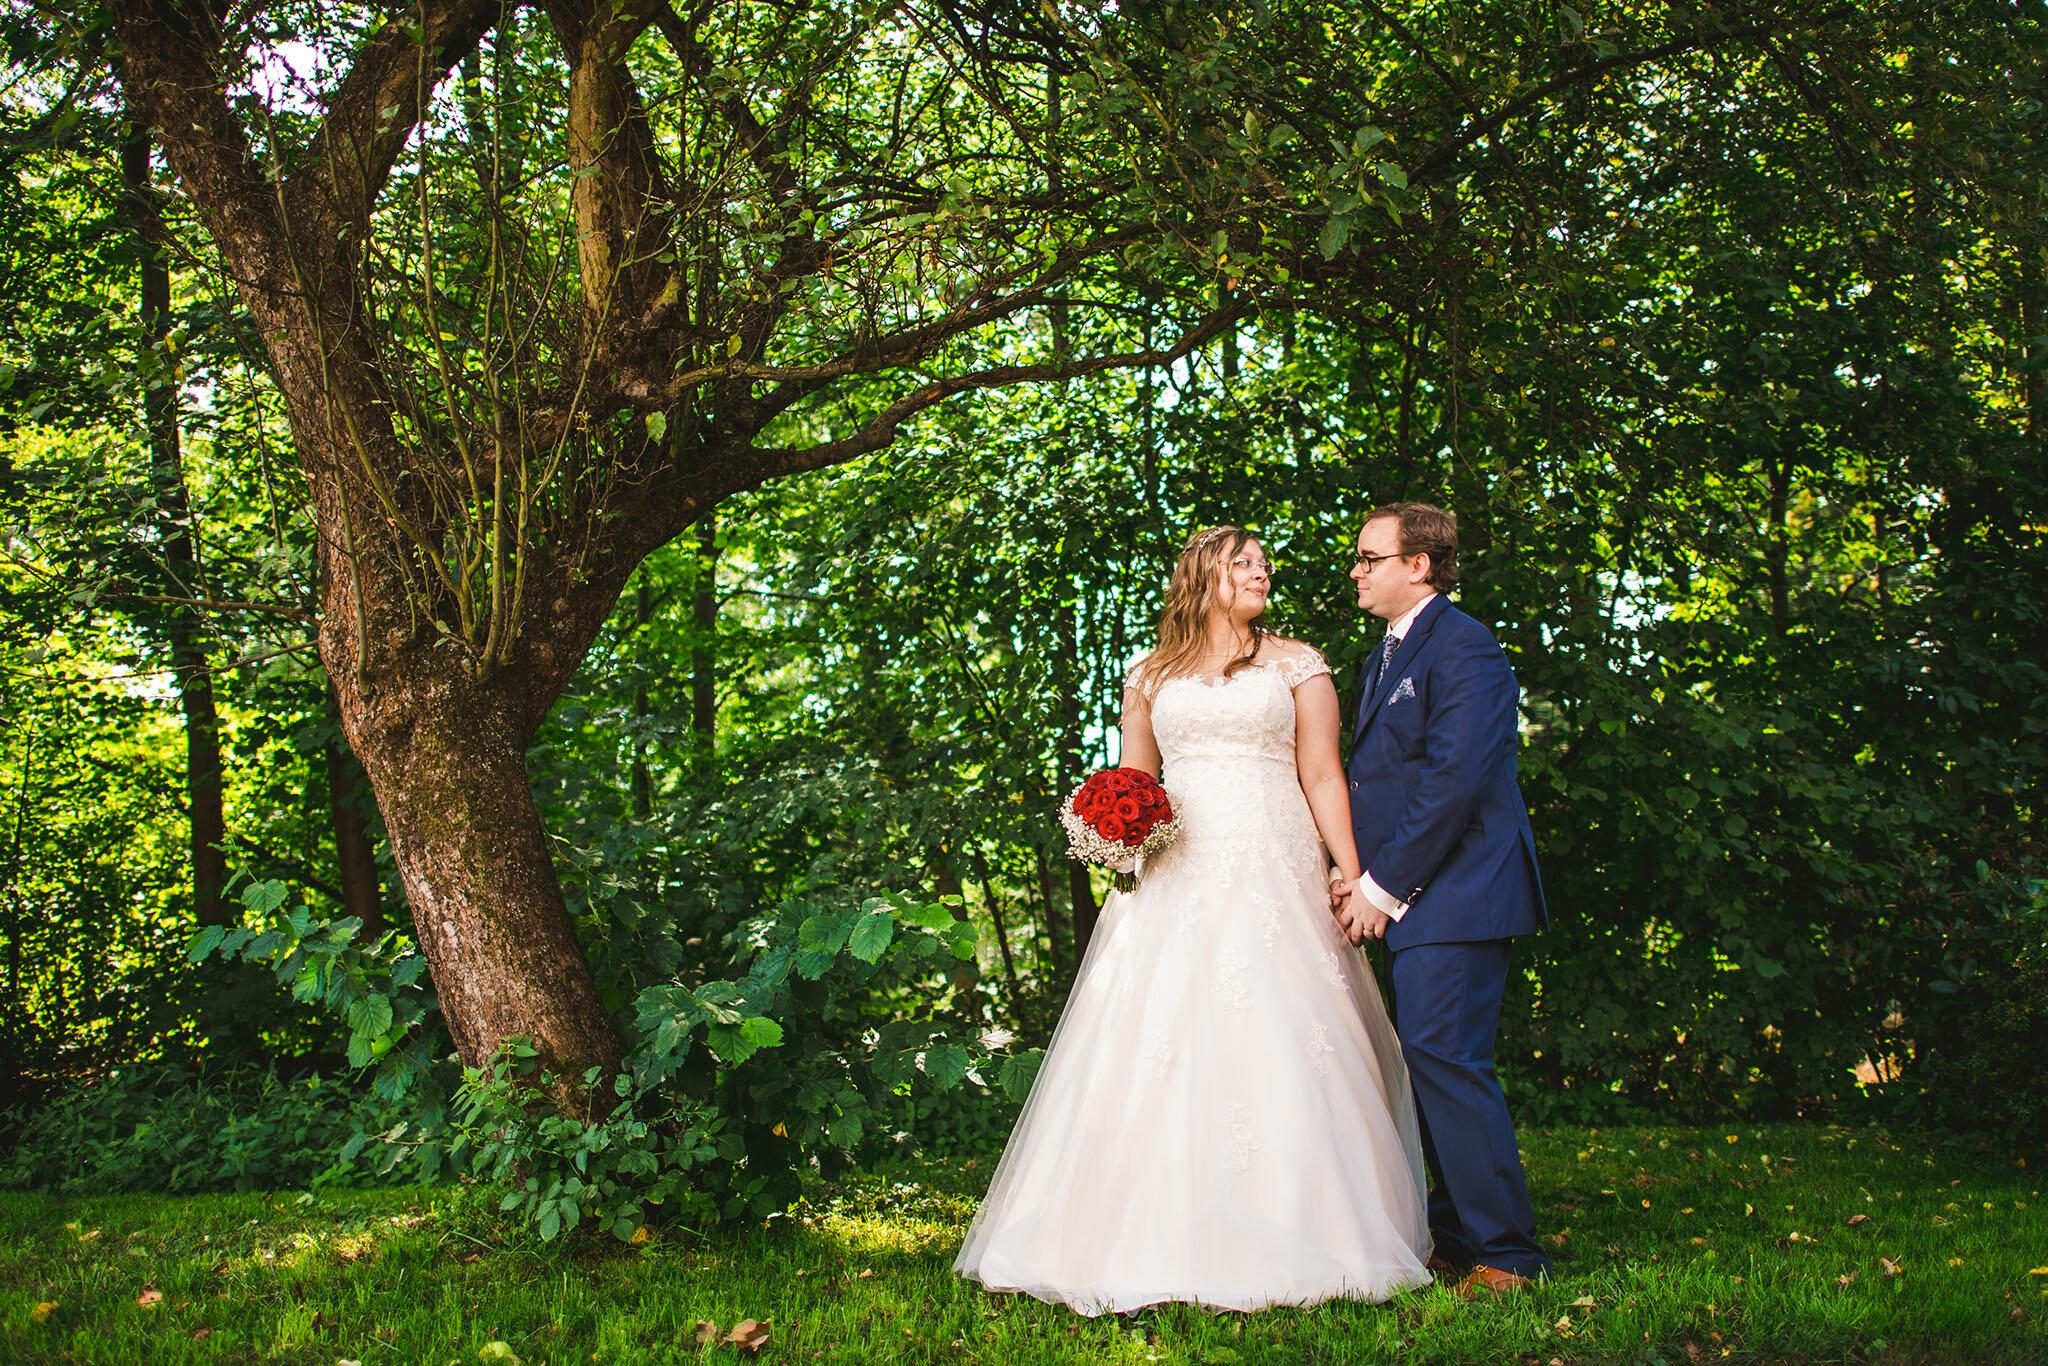 """Nicole + Denis - """"Du hast unsere Hochzeit am 24.08.2019 perfekt bildlich erfasst. Wir sind mega zufrieden. Vielen lieben Dank für diese graziöse Arbeit!"""""""